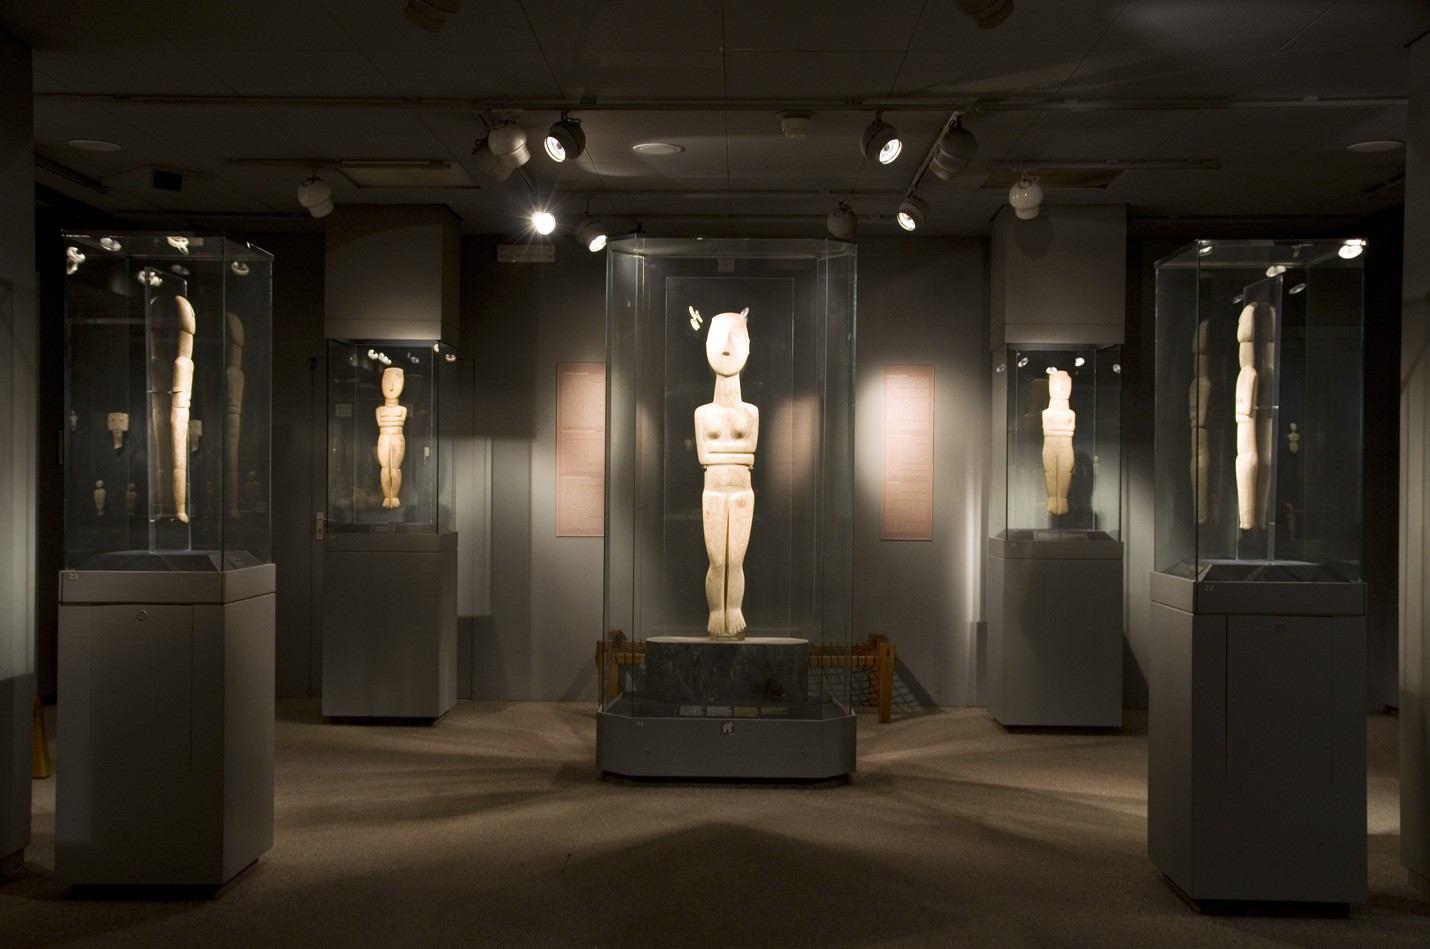 Μουσείο Κυκλαδικής Τέχνης   Museum Finder   Ανακαλύψτε τα Μουσεία της Ελλάδας